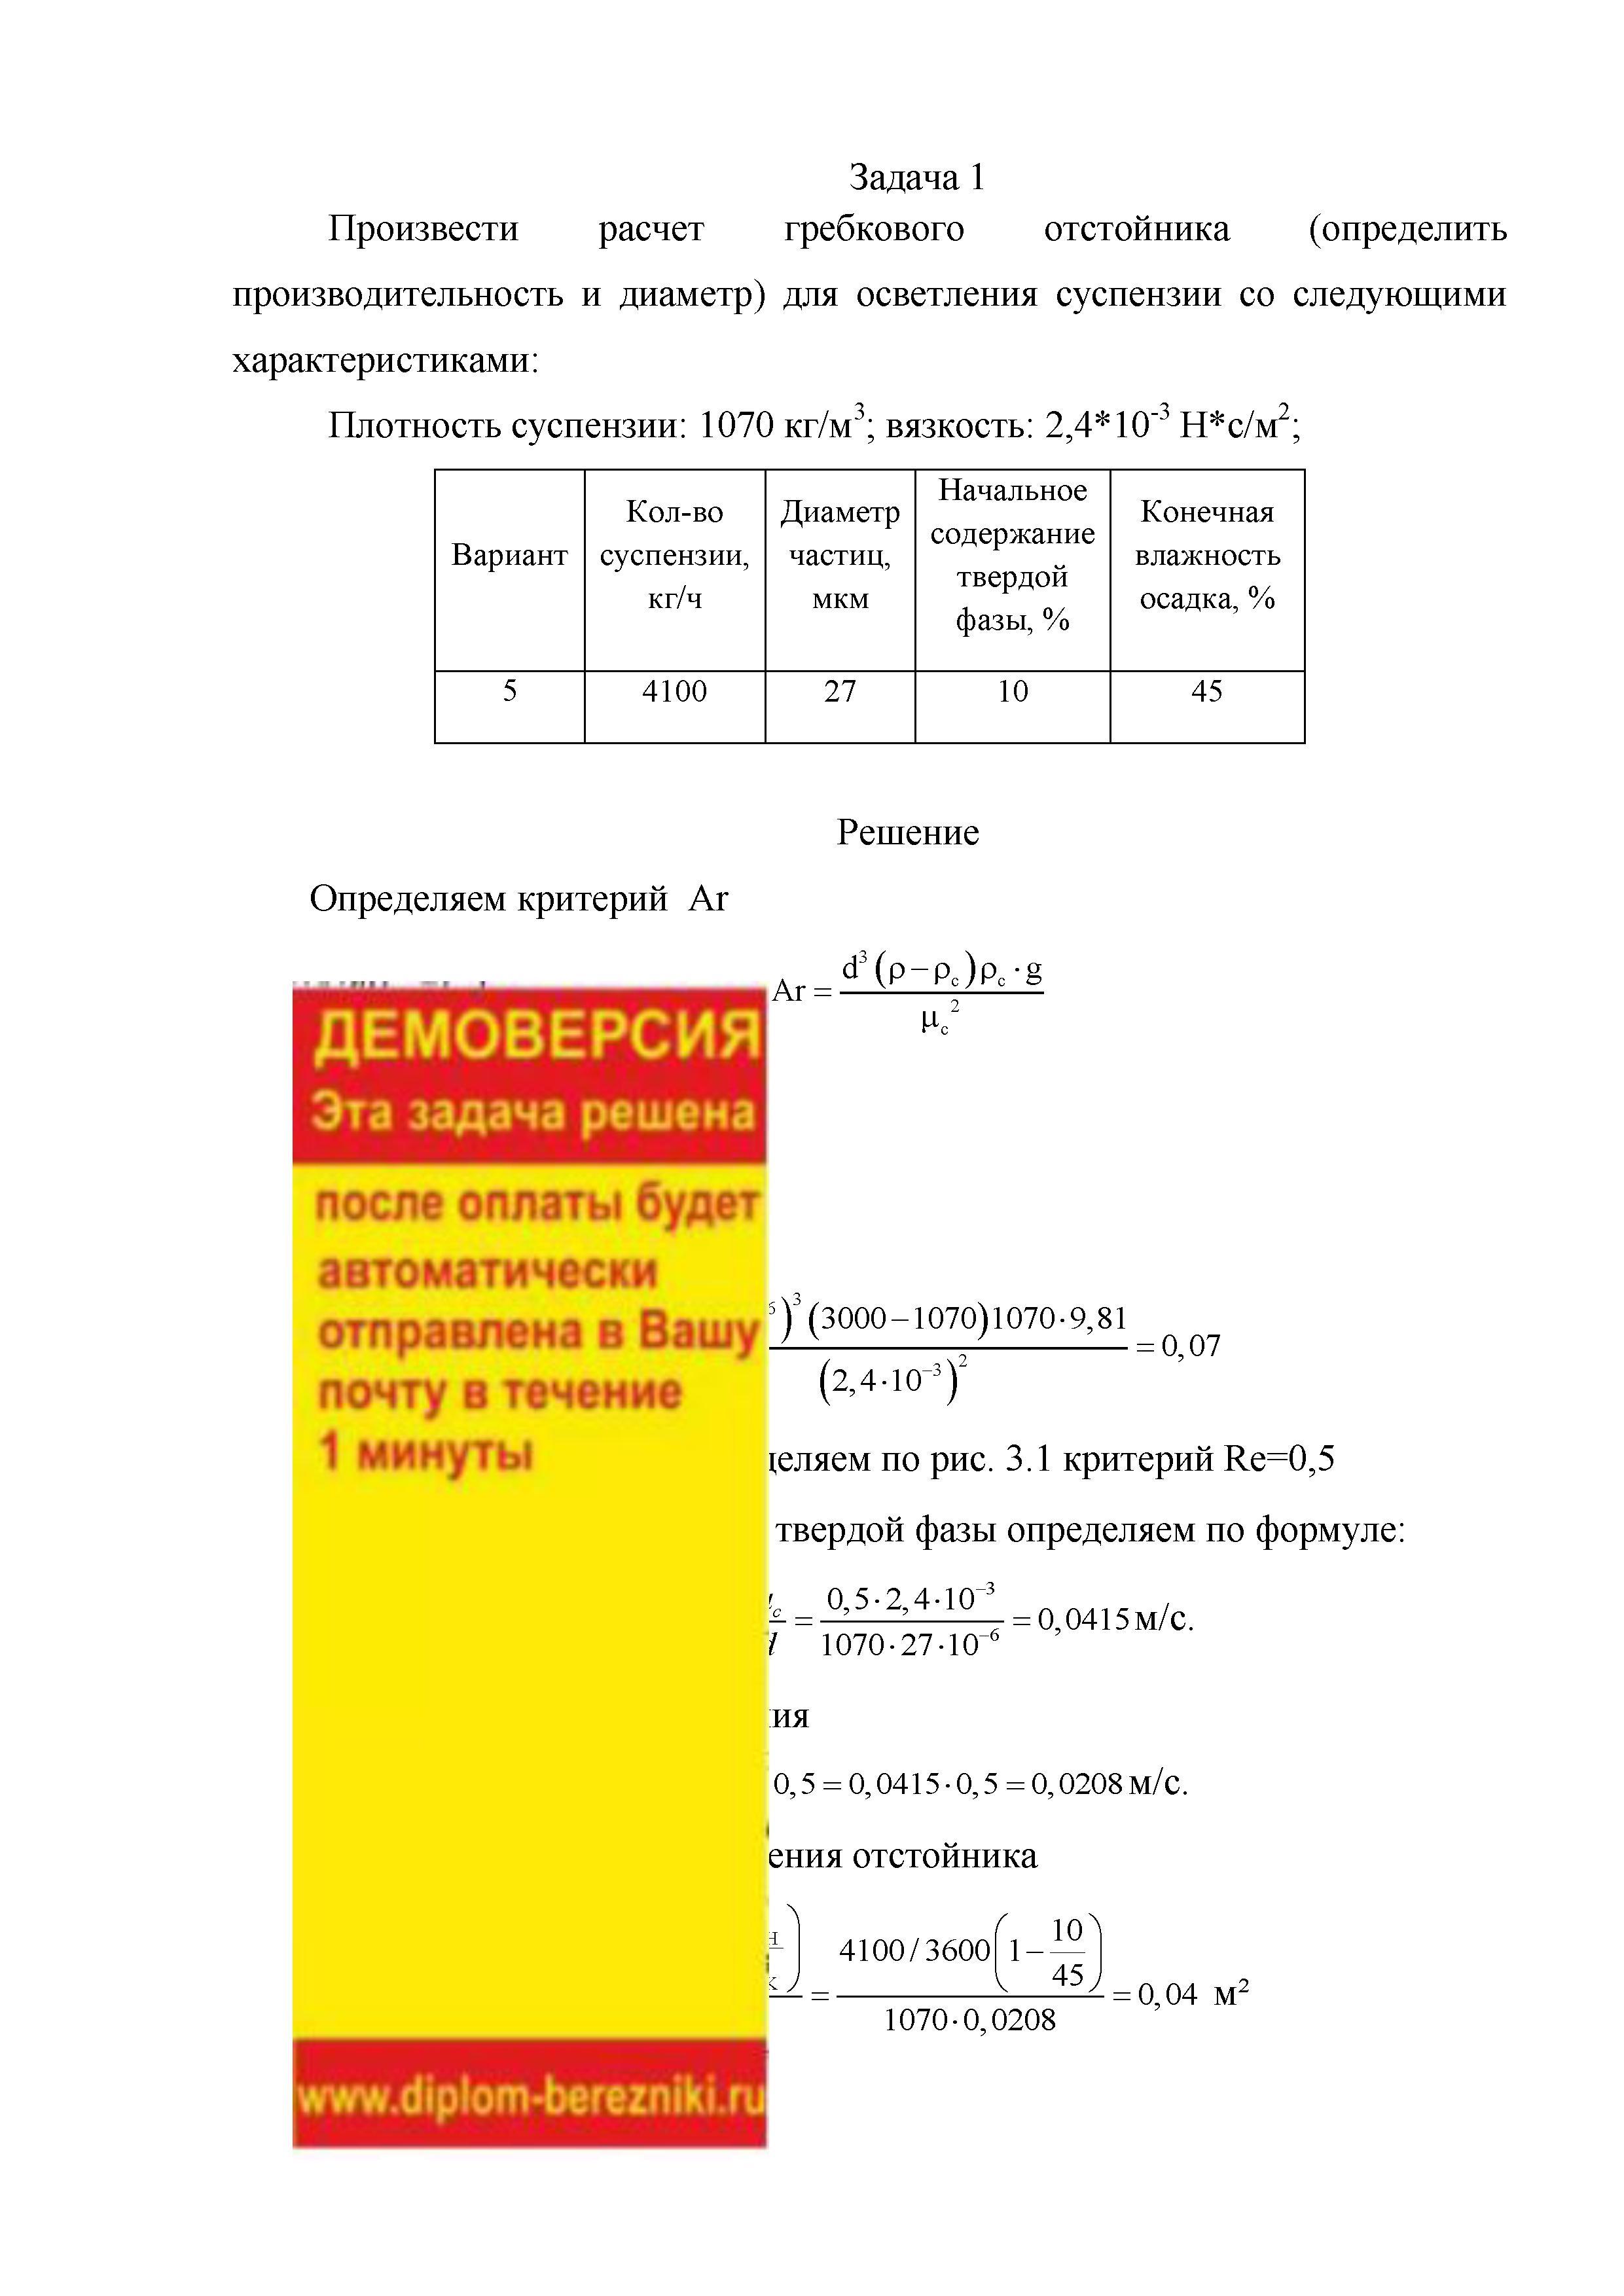 Решение задач отстойника решение задач по теме излучение и спектры